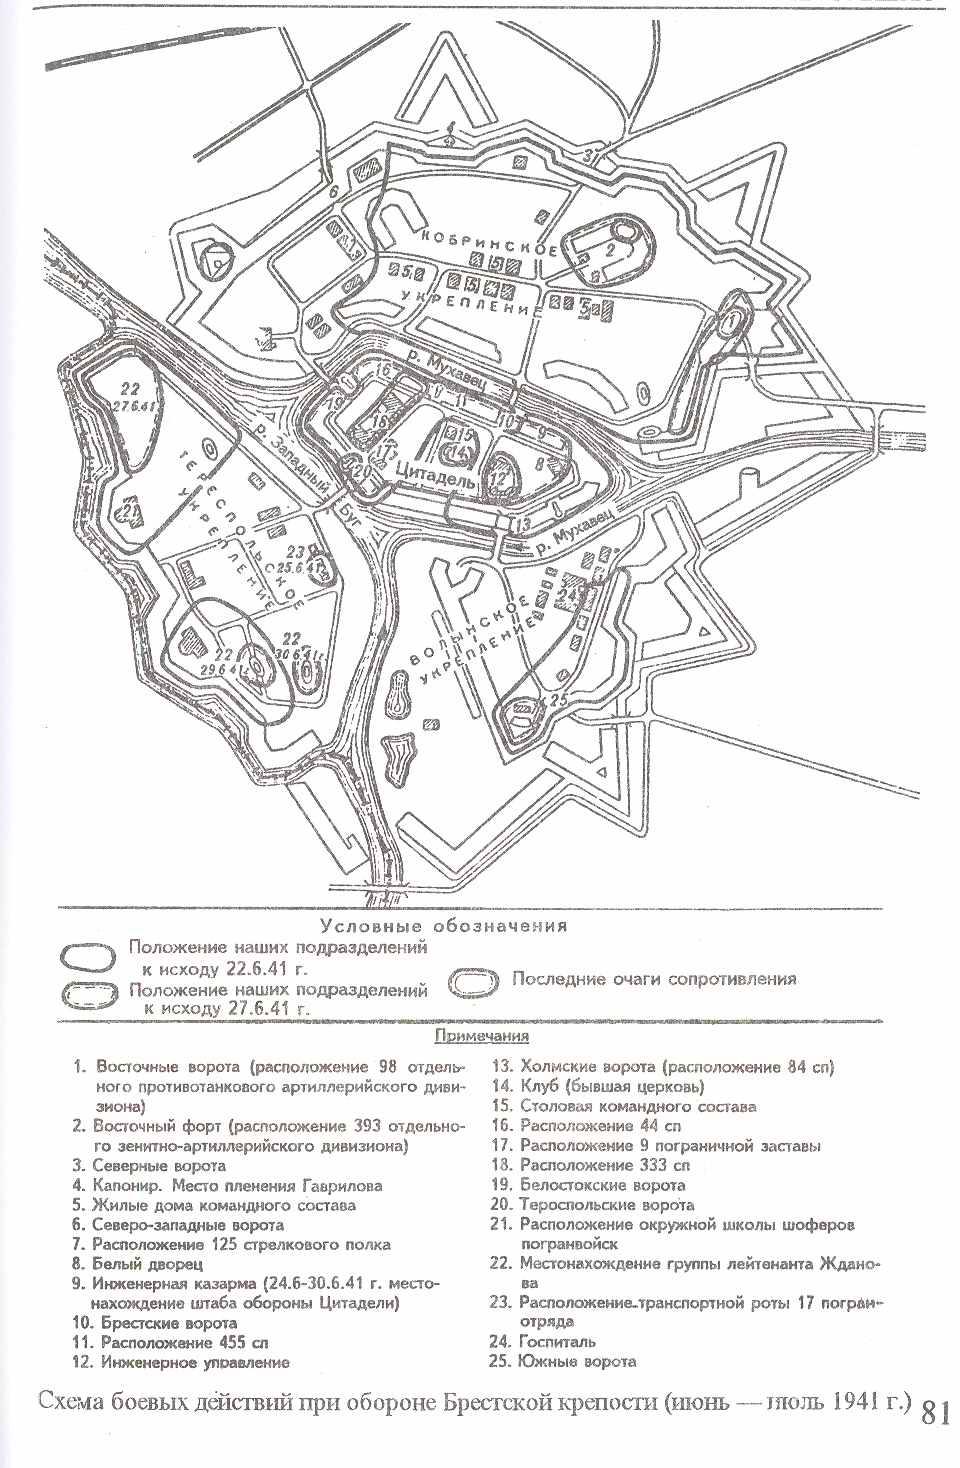 Брестская крепость состояла из цитадели и трёх защищавших её укреплений, общей площадью 4 км².